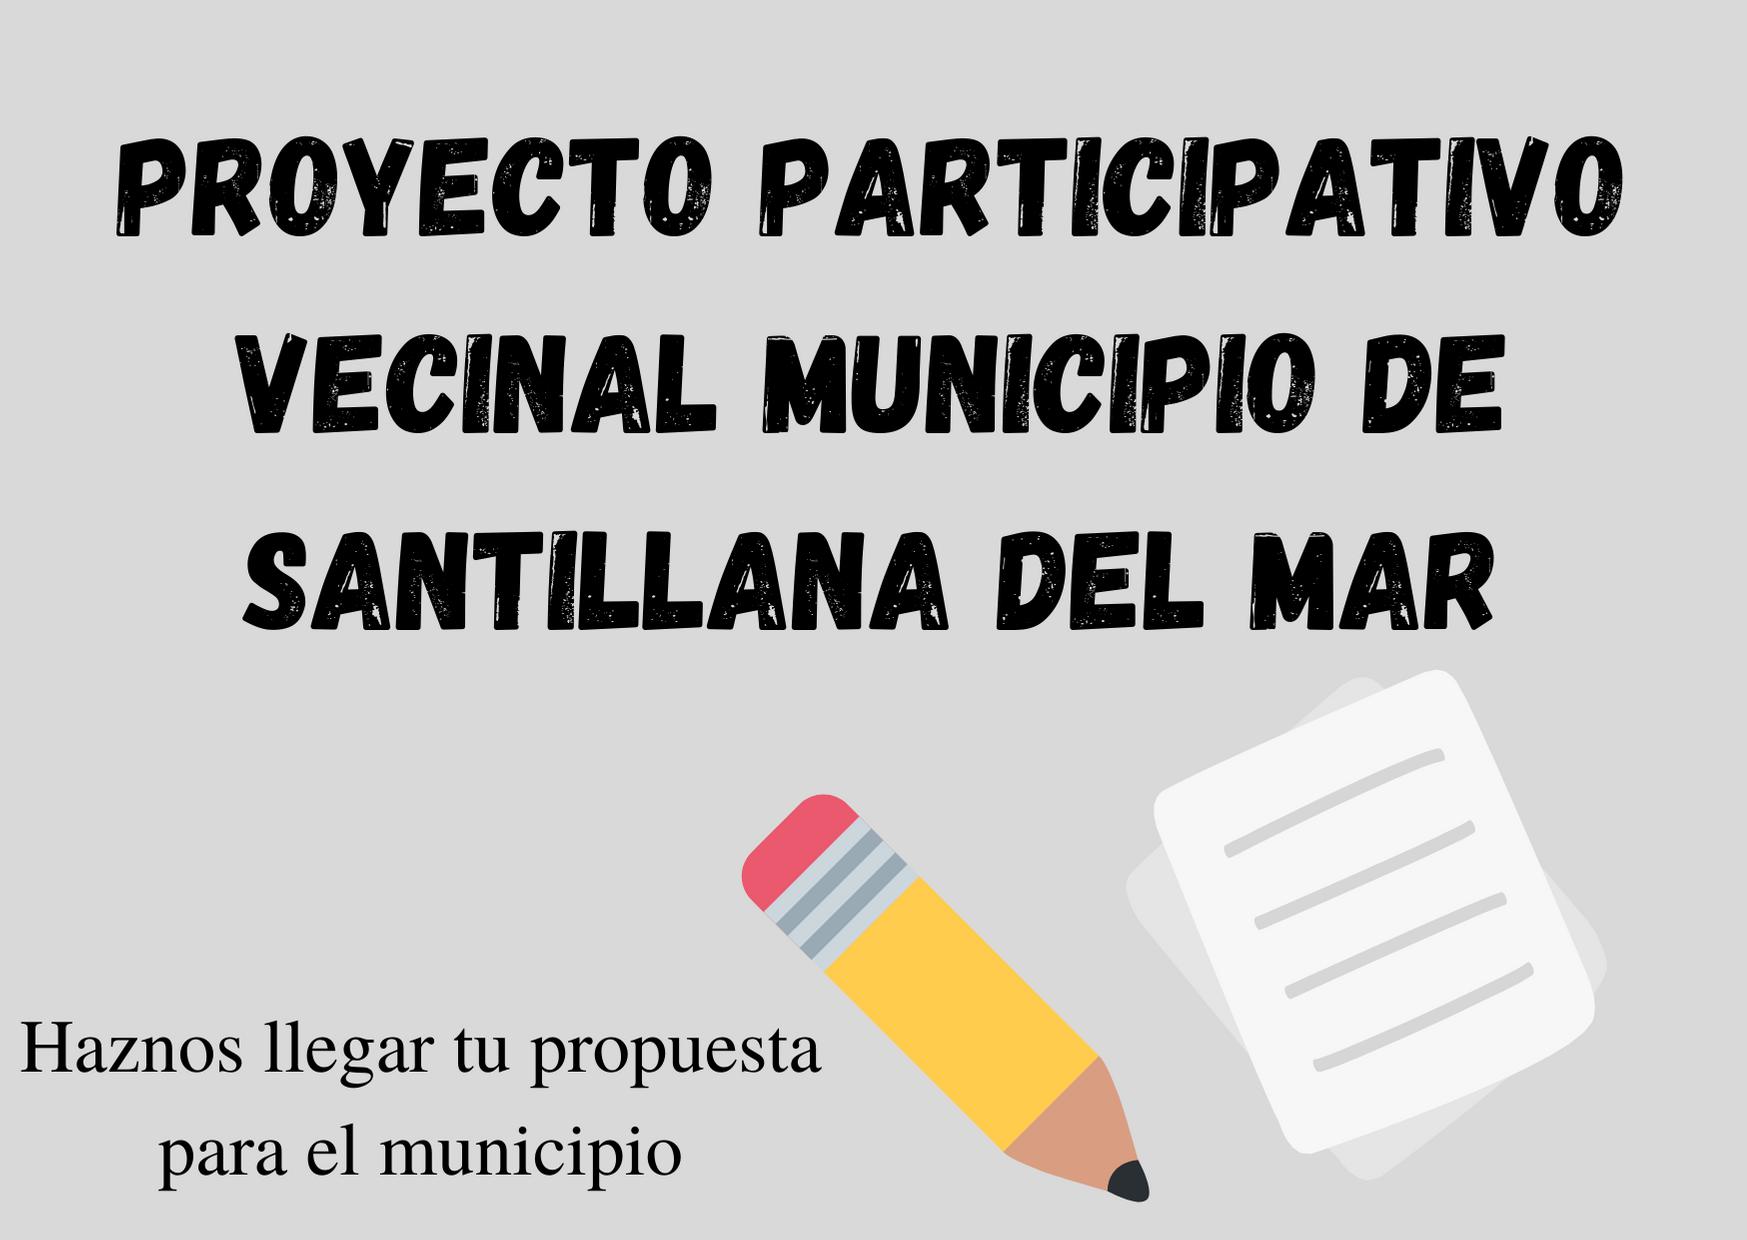 El Ayuntamiento de Santillana del Mar pone en marcha un proyecto de participación ciudadana